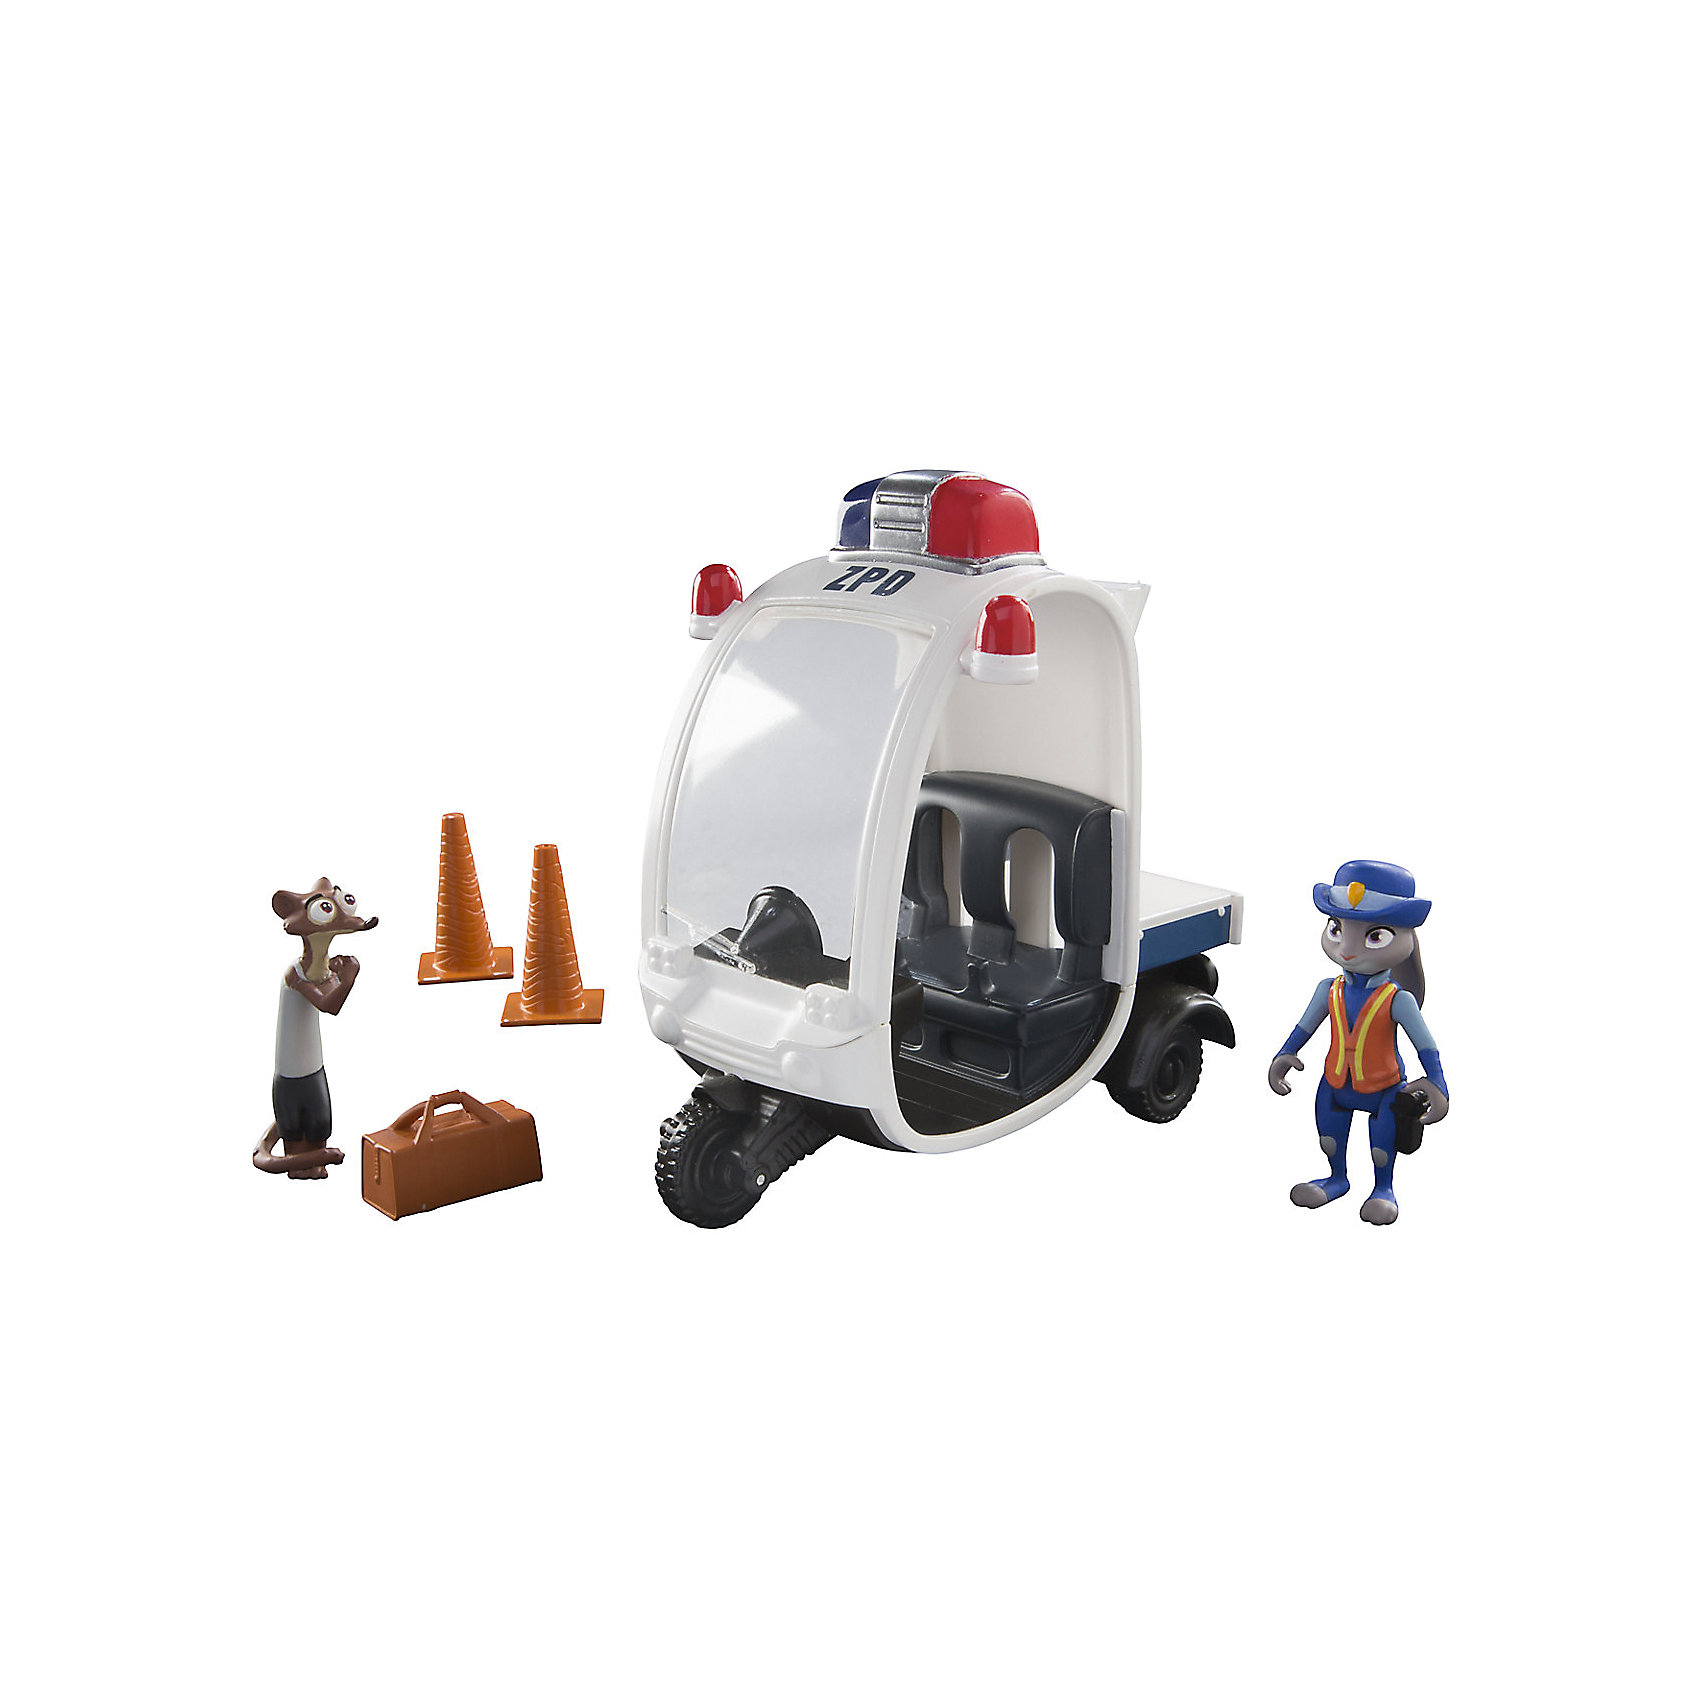 Игровой набор Полицейский мотороллер, ЗверополисФигурки из мультфильмов<br>Характеристики товара:<br><br>- цвет: разноцветный;<br>- материал: пластик;<br>- размер упаковки: 23х23х10 см;<br>- возраст: от 3 лет;<br>- комплектация: транспорт, фигурка героя, аксессуары;<br>- упаковка: картонная коробка открытого типа.<br><br>Играть с фигурками из любимого мультфильма - вдвойне интереснее! Фигурки героев из мультфильма Зверополис- очень красивые, они хорошо детализированы. Каждая фигурка отлично выполнена, похожа на героя мультика, поэтому она станет желанным подарком для ребенка. Каждый герой дополнен своим транспортным средством. Такая игрушка отлично тренирует у ребенка разные навыки: играя с фигурками, ребенок развивает мелкую моторику, цветовосприятие, внимание, воображение и творческое мышление. <br>Из этих фигурок можно собрать целую коллекцию! Изделие произведено из качественных проверенных материалов, безопасных для малышей.<br><br>Игровой набор Полицейский мотороллер, Зверополис, можно купить в нашем интернет-магазине.<br><br>Ширина мм: 235<br>Глубина мм: 230<br>Высота мм: 105<br>Вес г: 395<br>Возраст от месяцев: 36<br>Возраст до месяцев: 2147483647<br>Пол: Унисекс<br>Возраст: Детский<br>SKU: 5140205